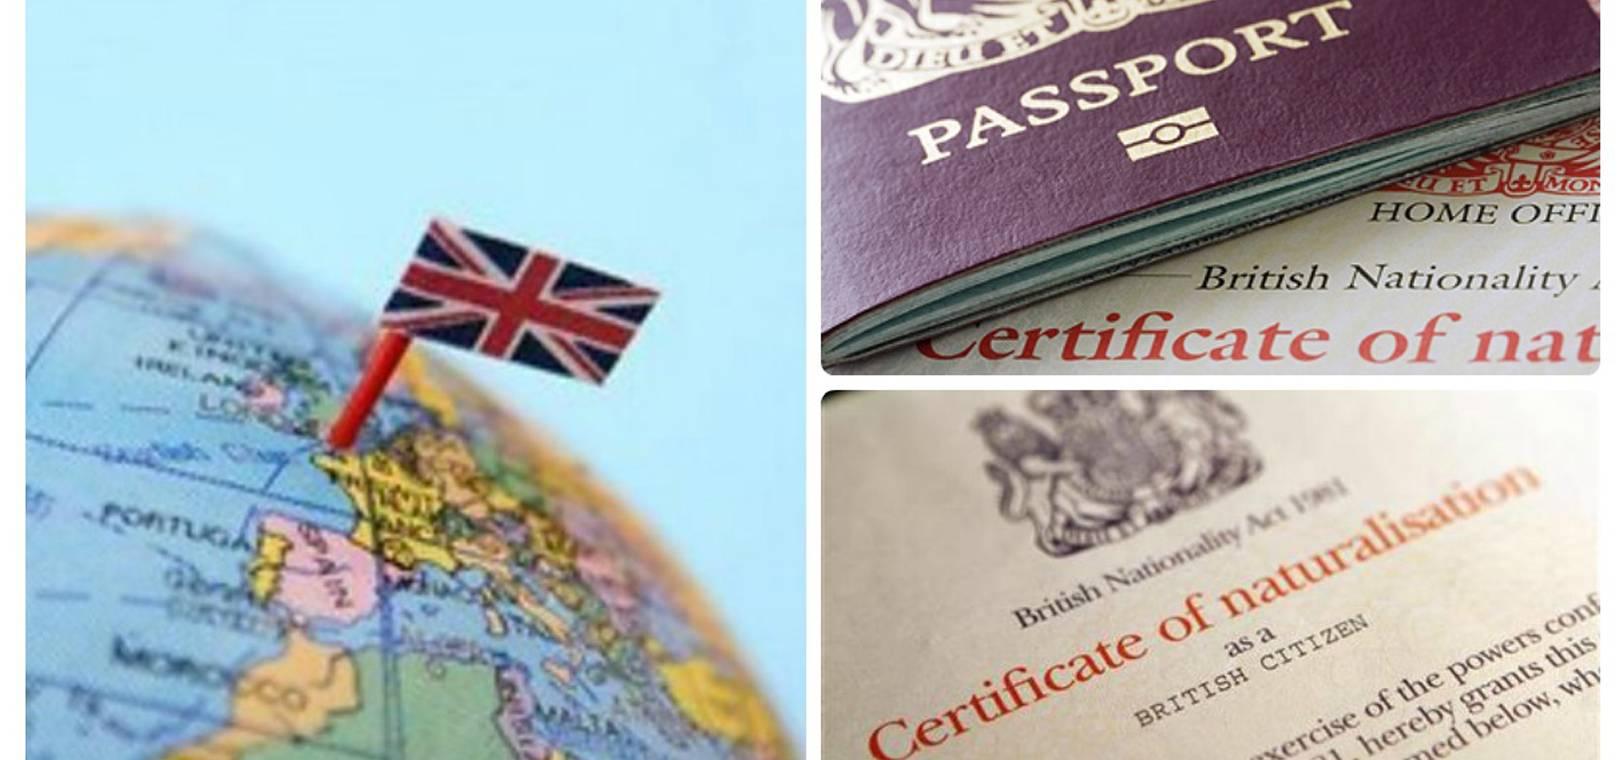 Эмиграция из россии в чехию: получение вида на жительство, как иммигрировать из россии или соседних стран на пмж